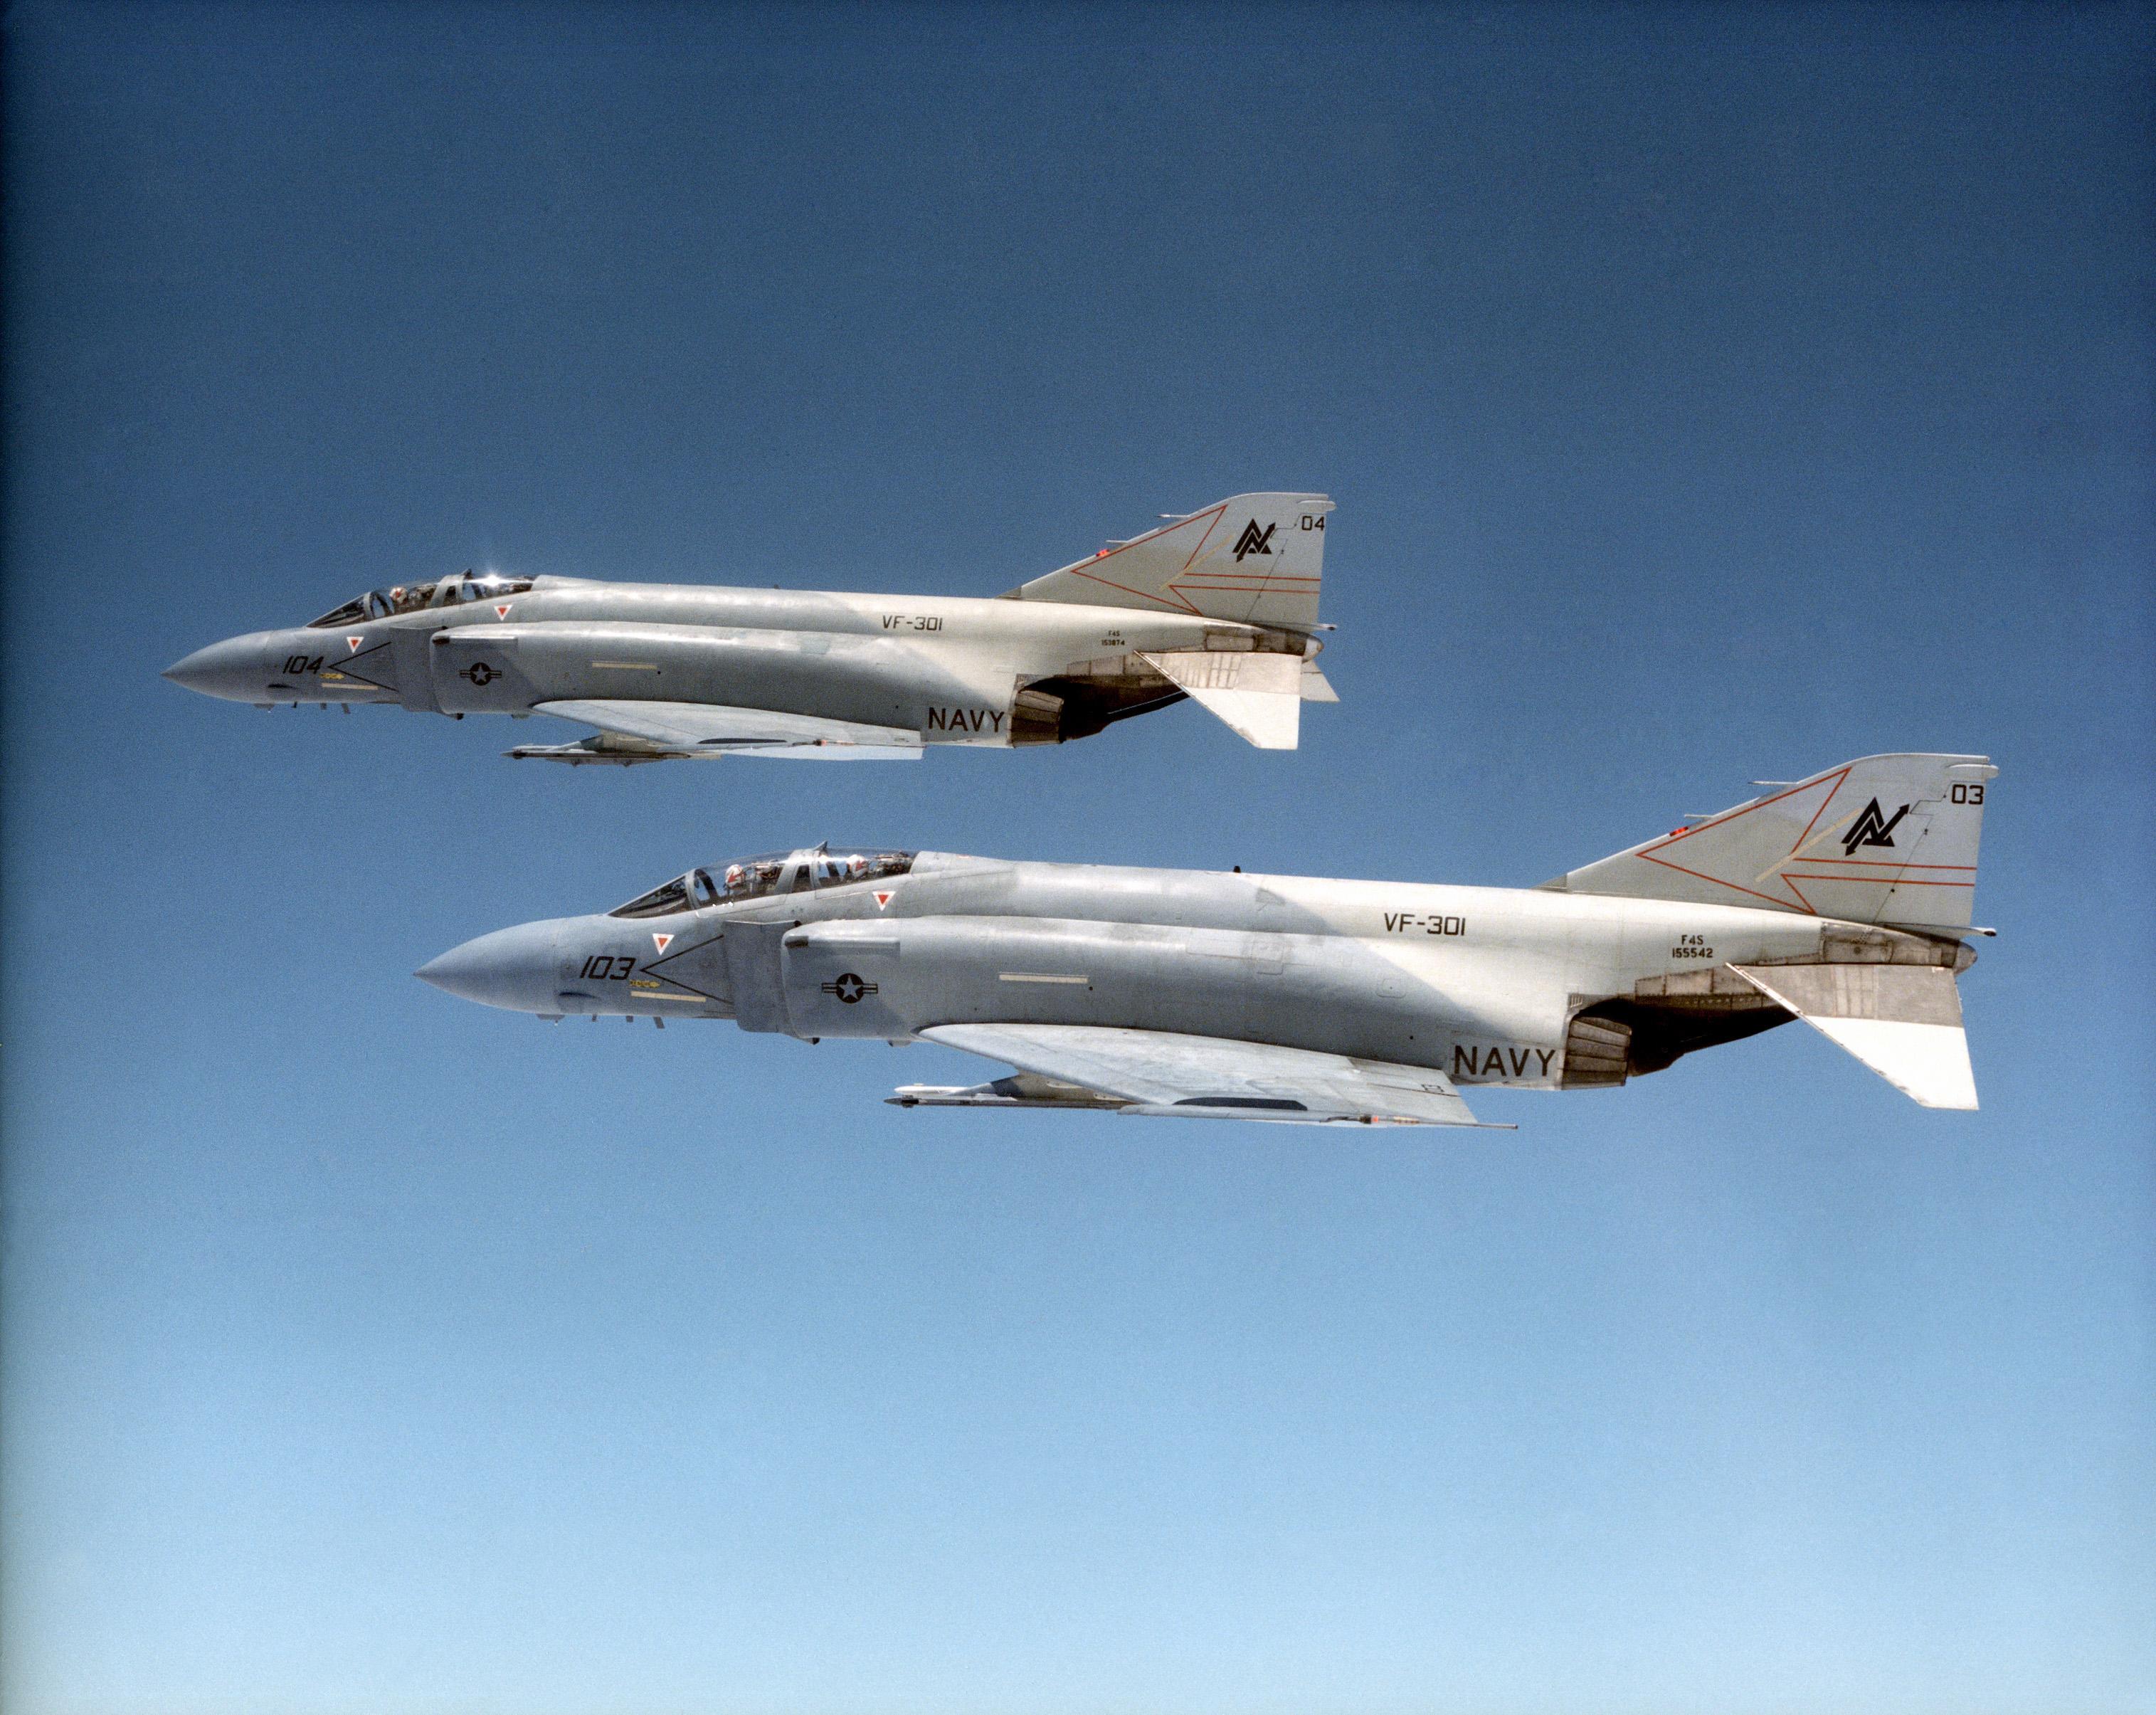 File:F-4 Phantom II VF-301.jpg - Wikimedia Commons